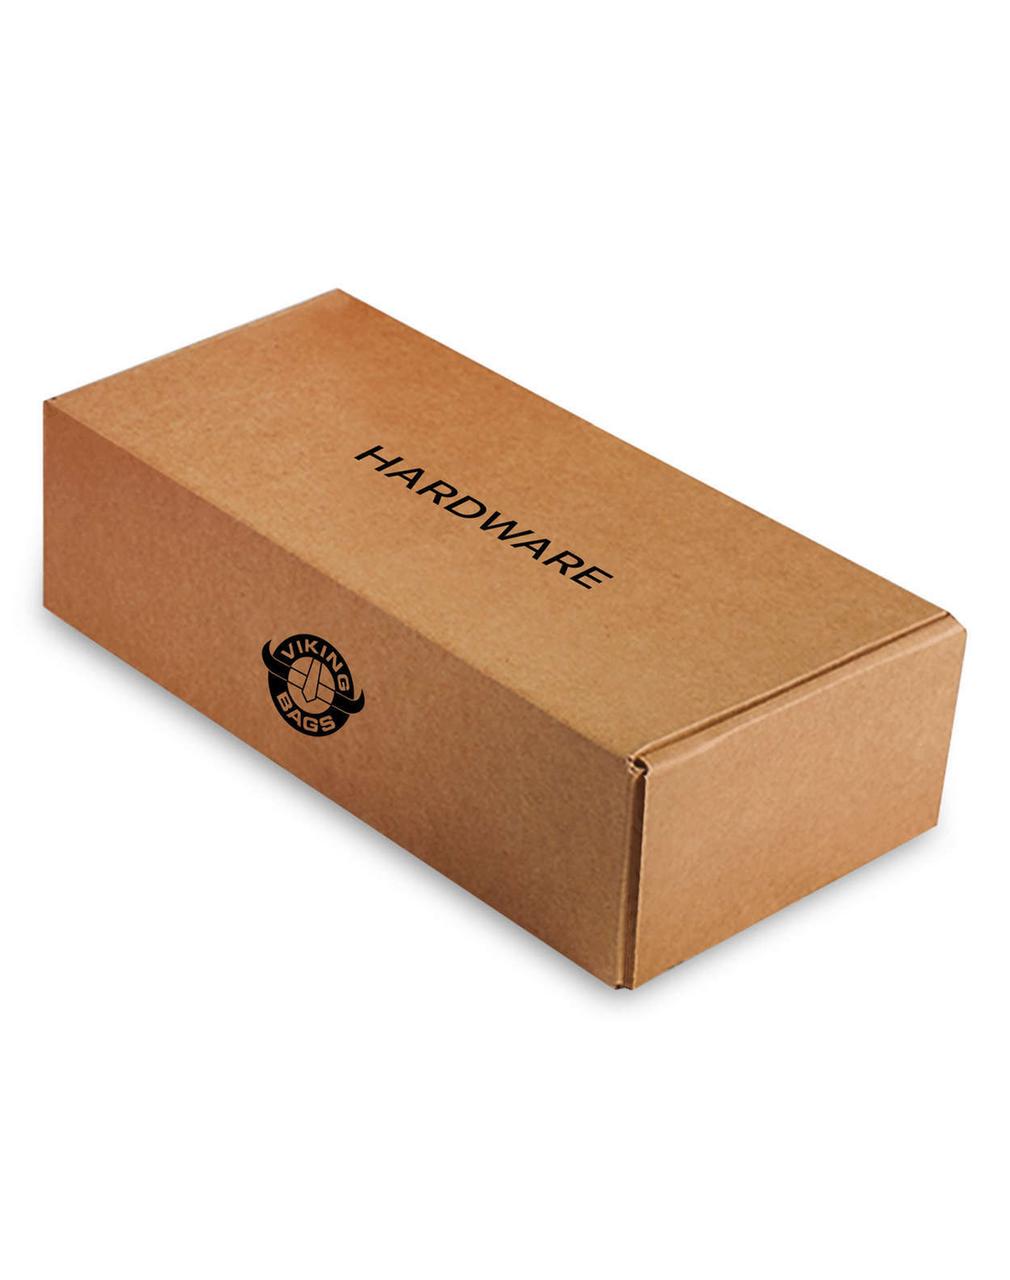 Indian Chief Standard Medium Slanted Studded Saddlebags Hardware Box